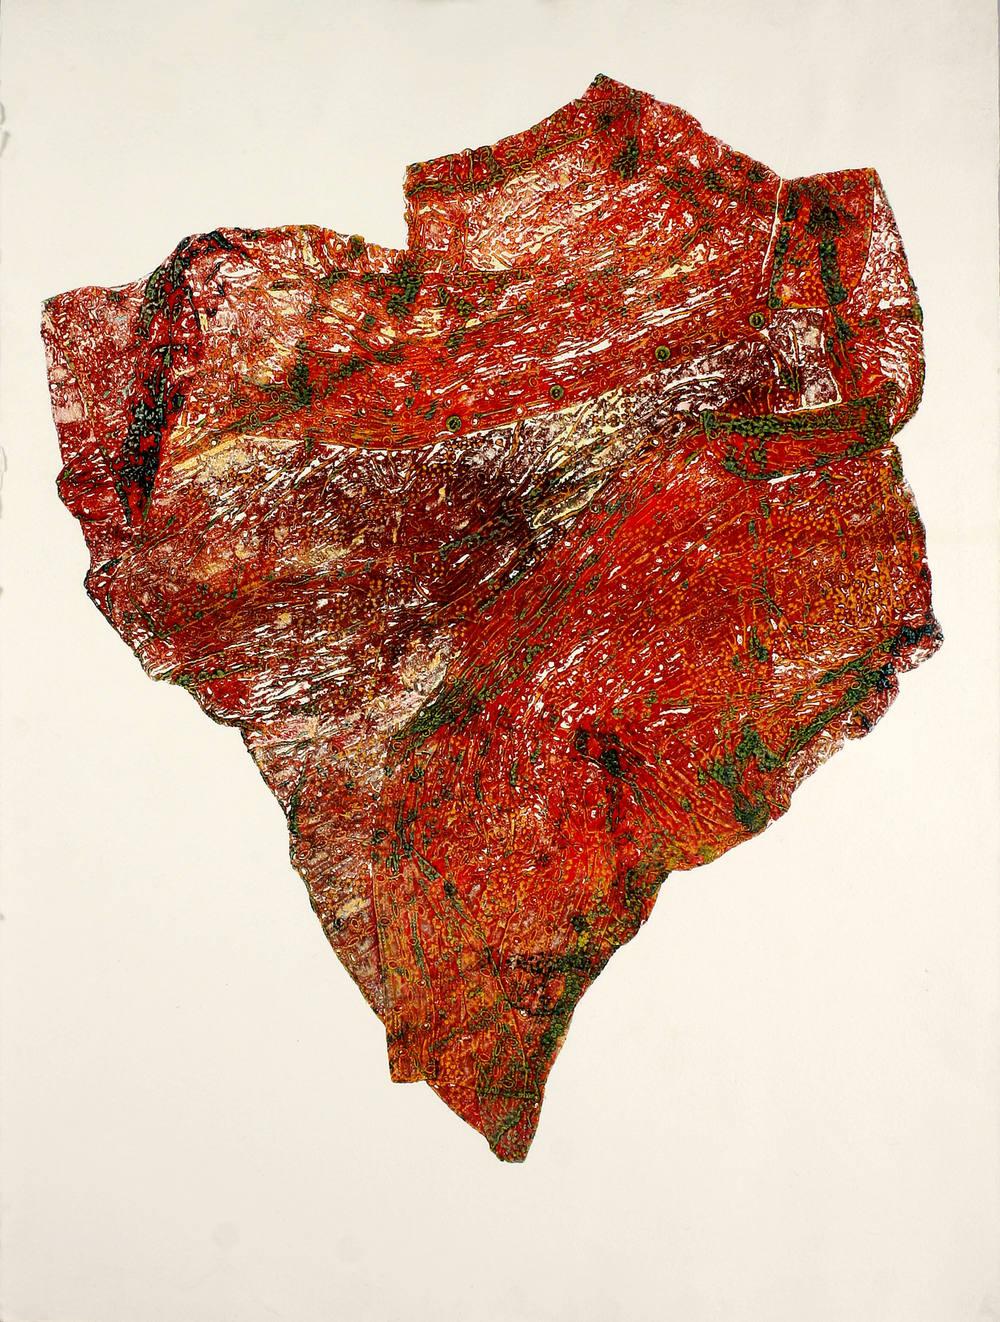 Quando le bacche mature facevano rosseggiare i campi di caffè, 2005 cm 60x80 - Copia.JPG